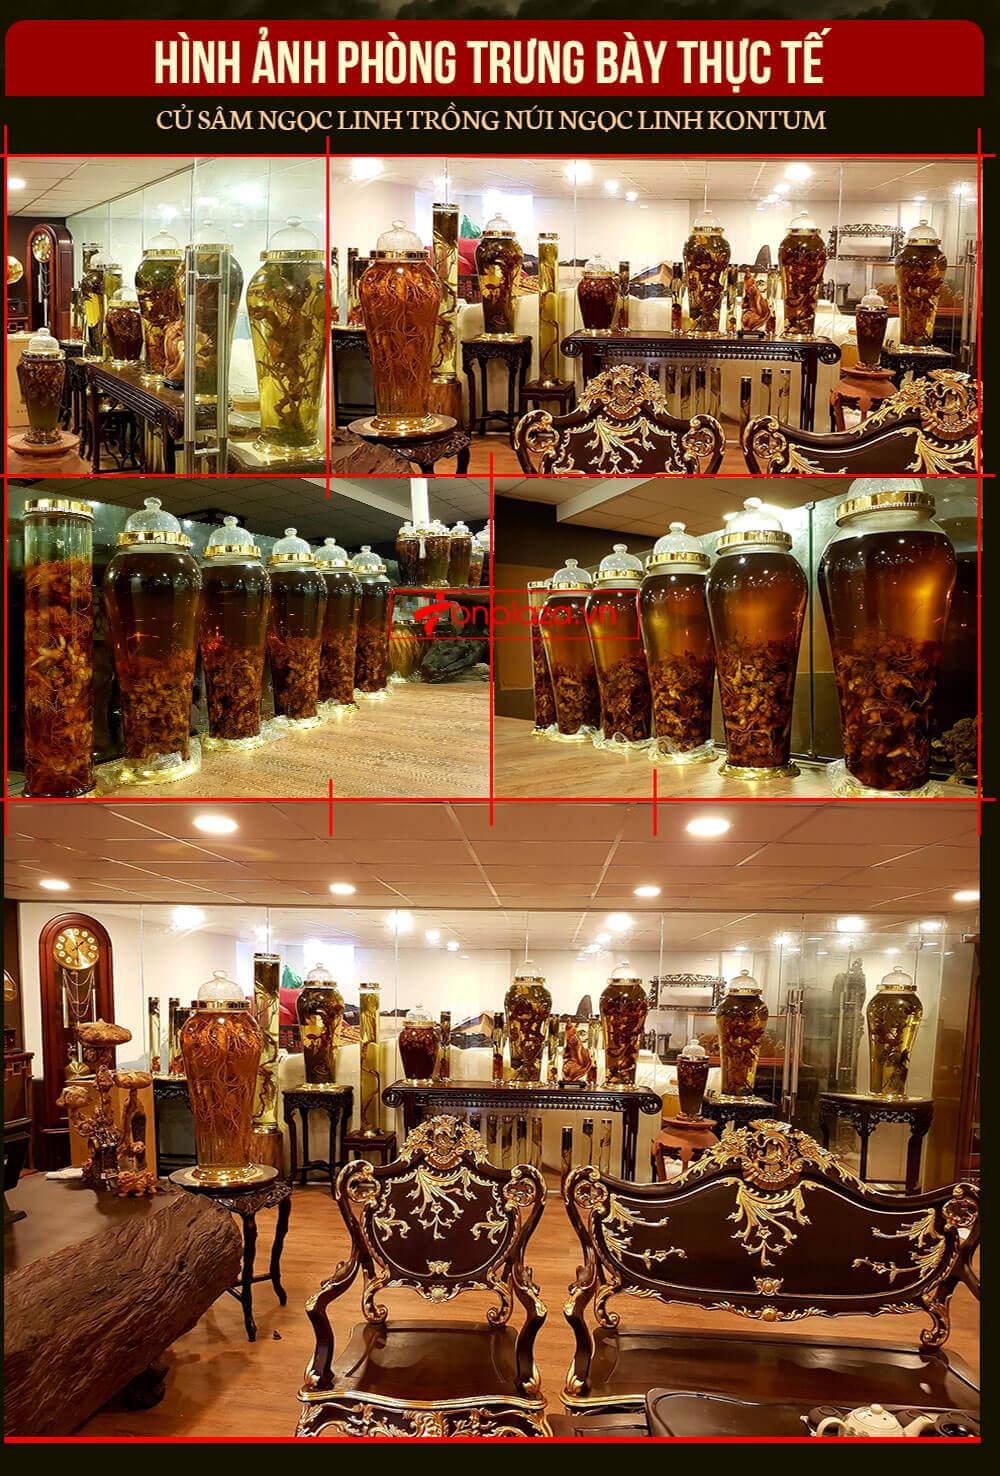 Hình ảnh phòng trưng bày bình rượu sâm ngọc linh của Onplaza